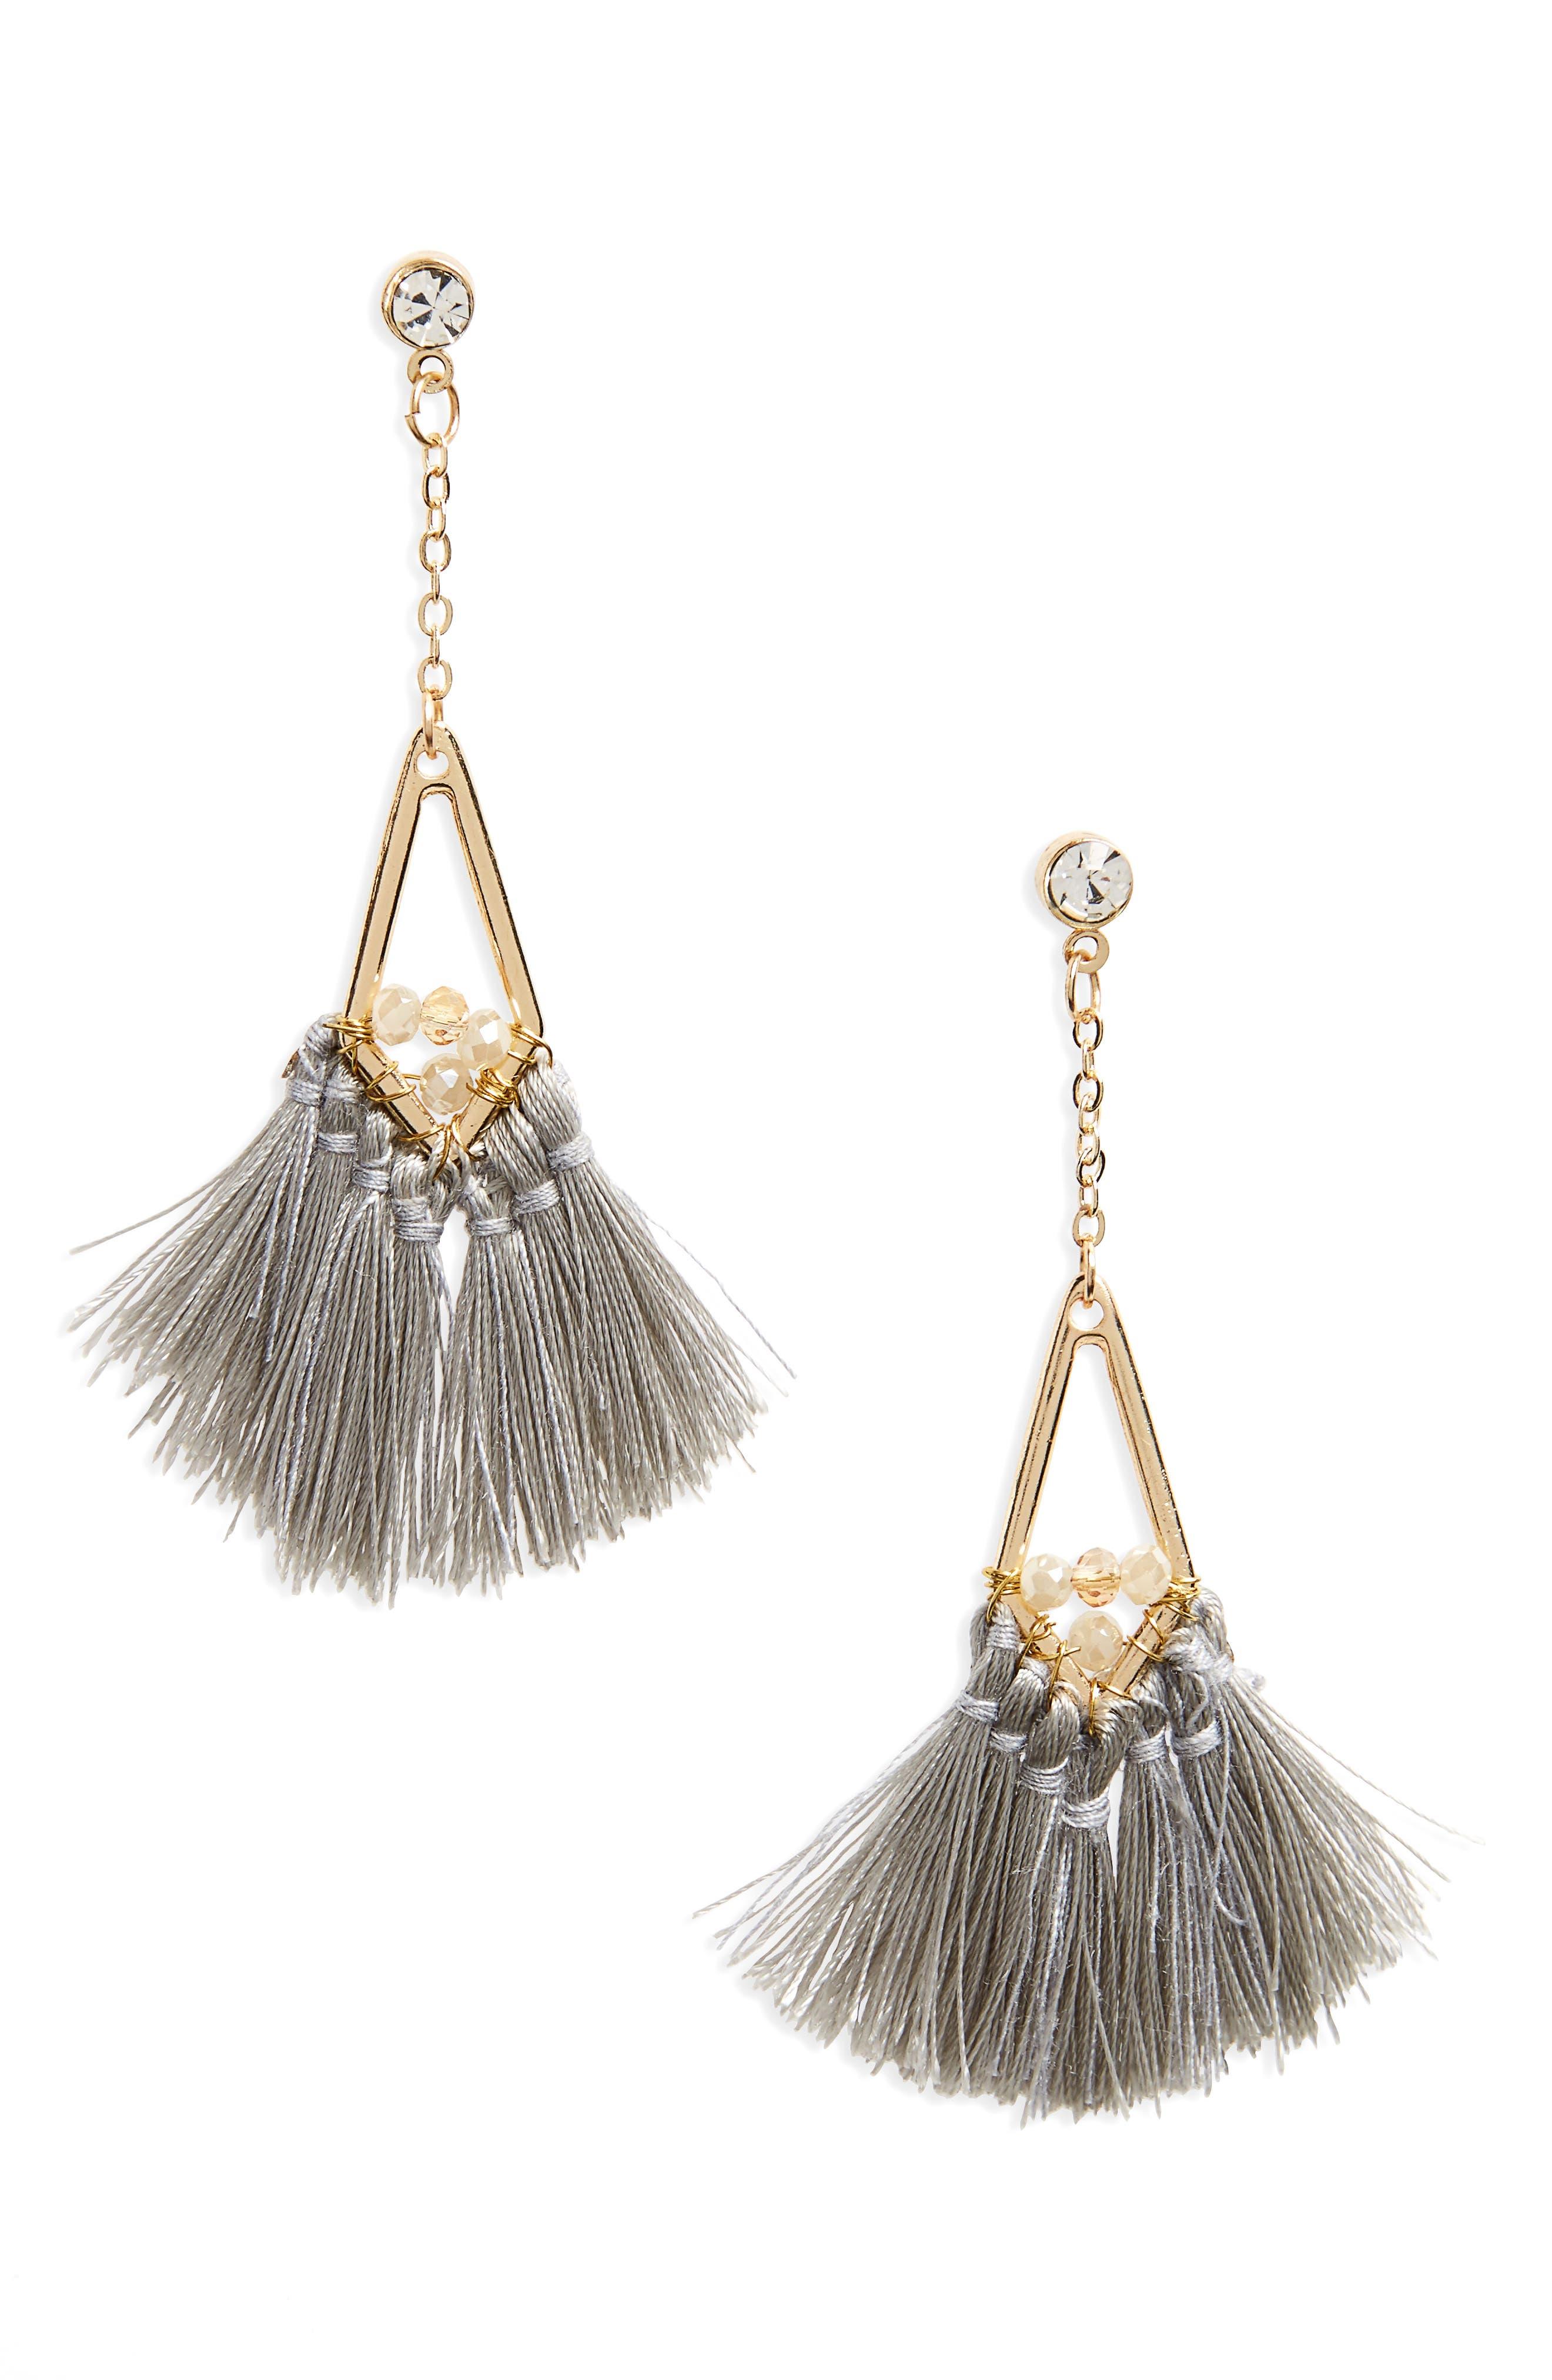 Tassel Fan Drop Earrings,                         Main,                         color, Gold/ Crystal/ Gray